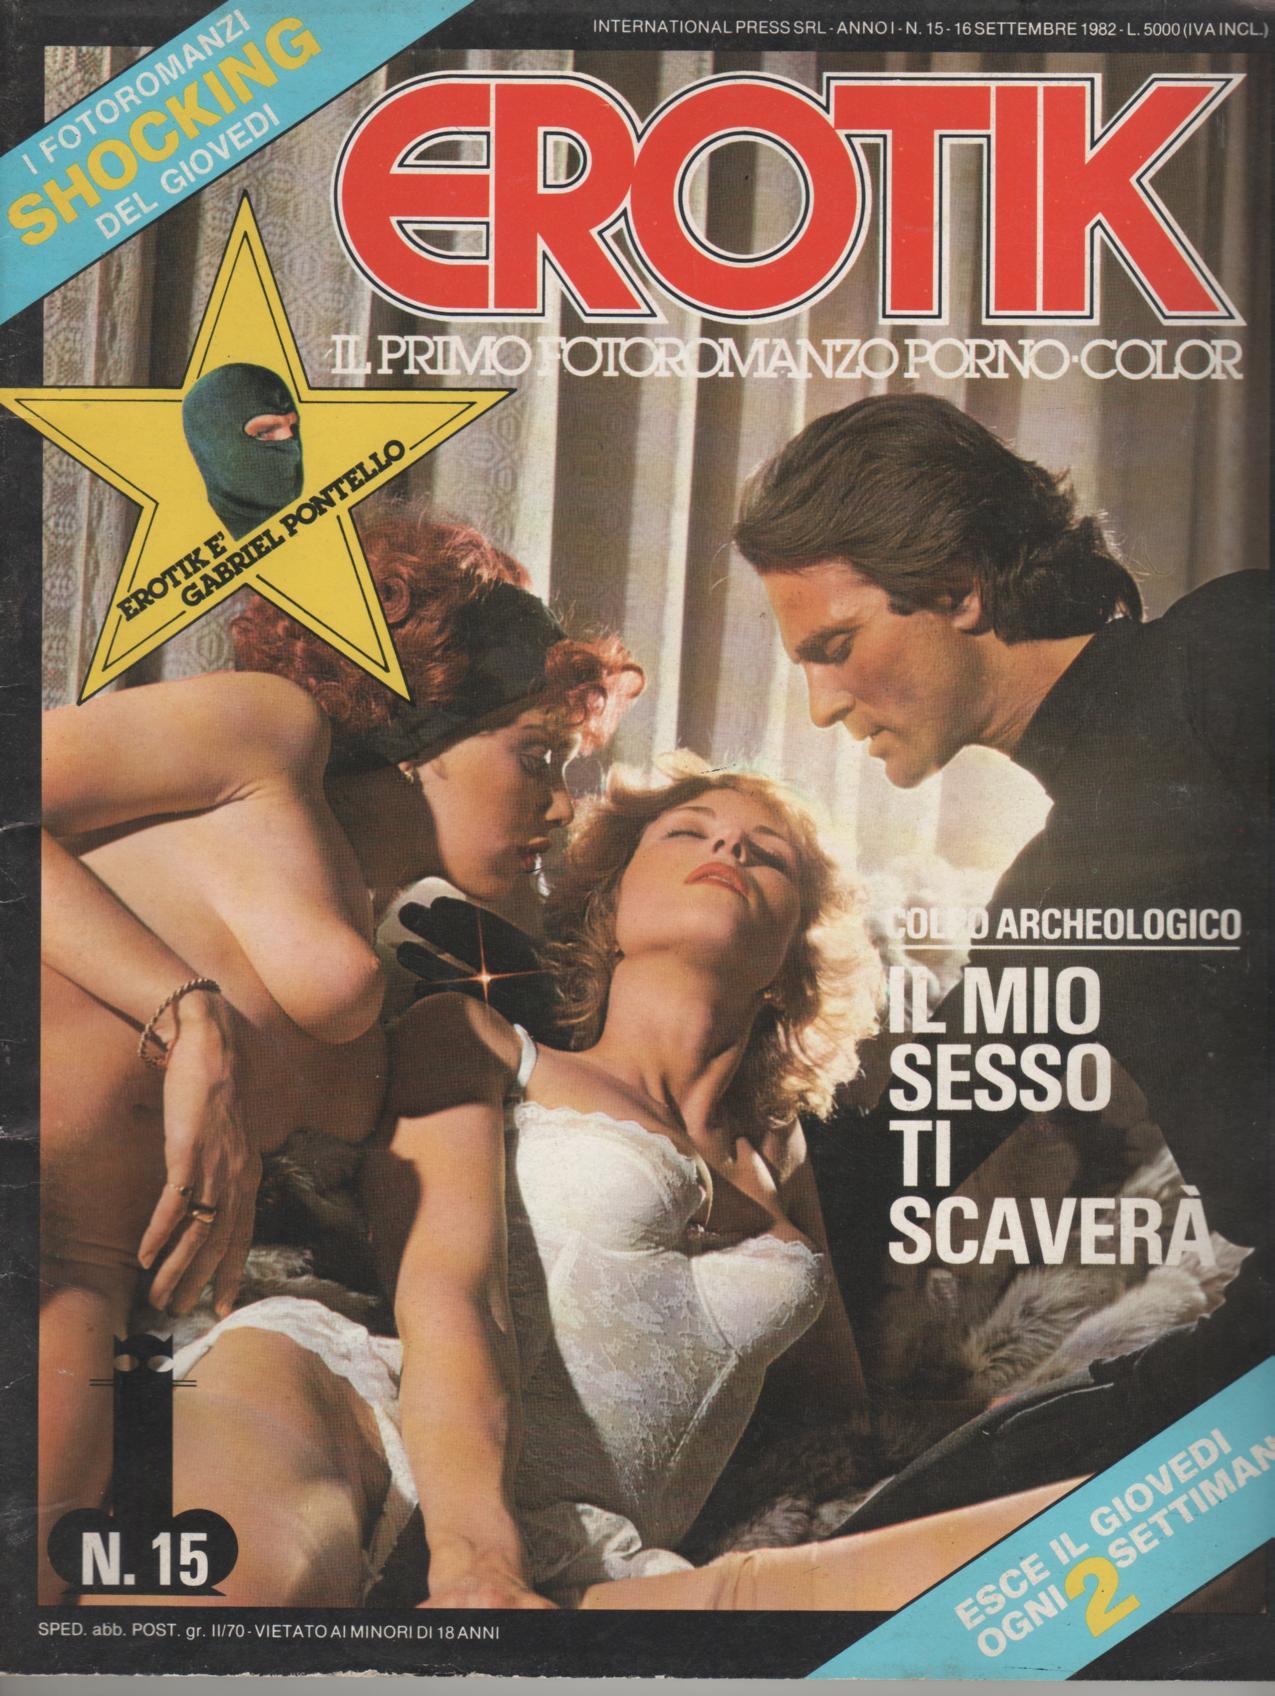 EROTIK  N. 15    IL MIO SESSO TI SCAVERA'